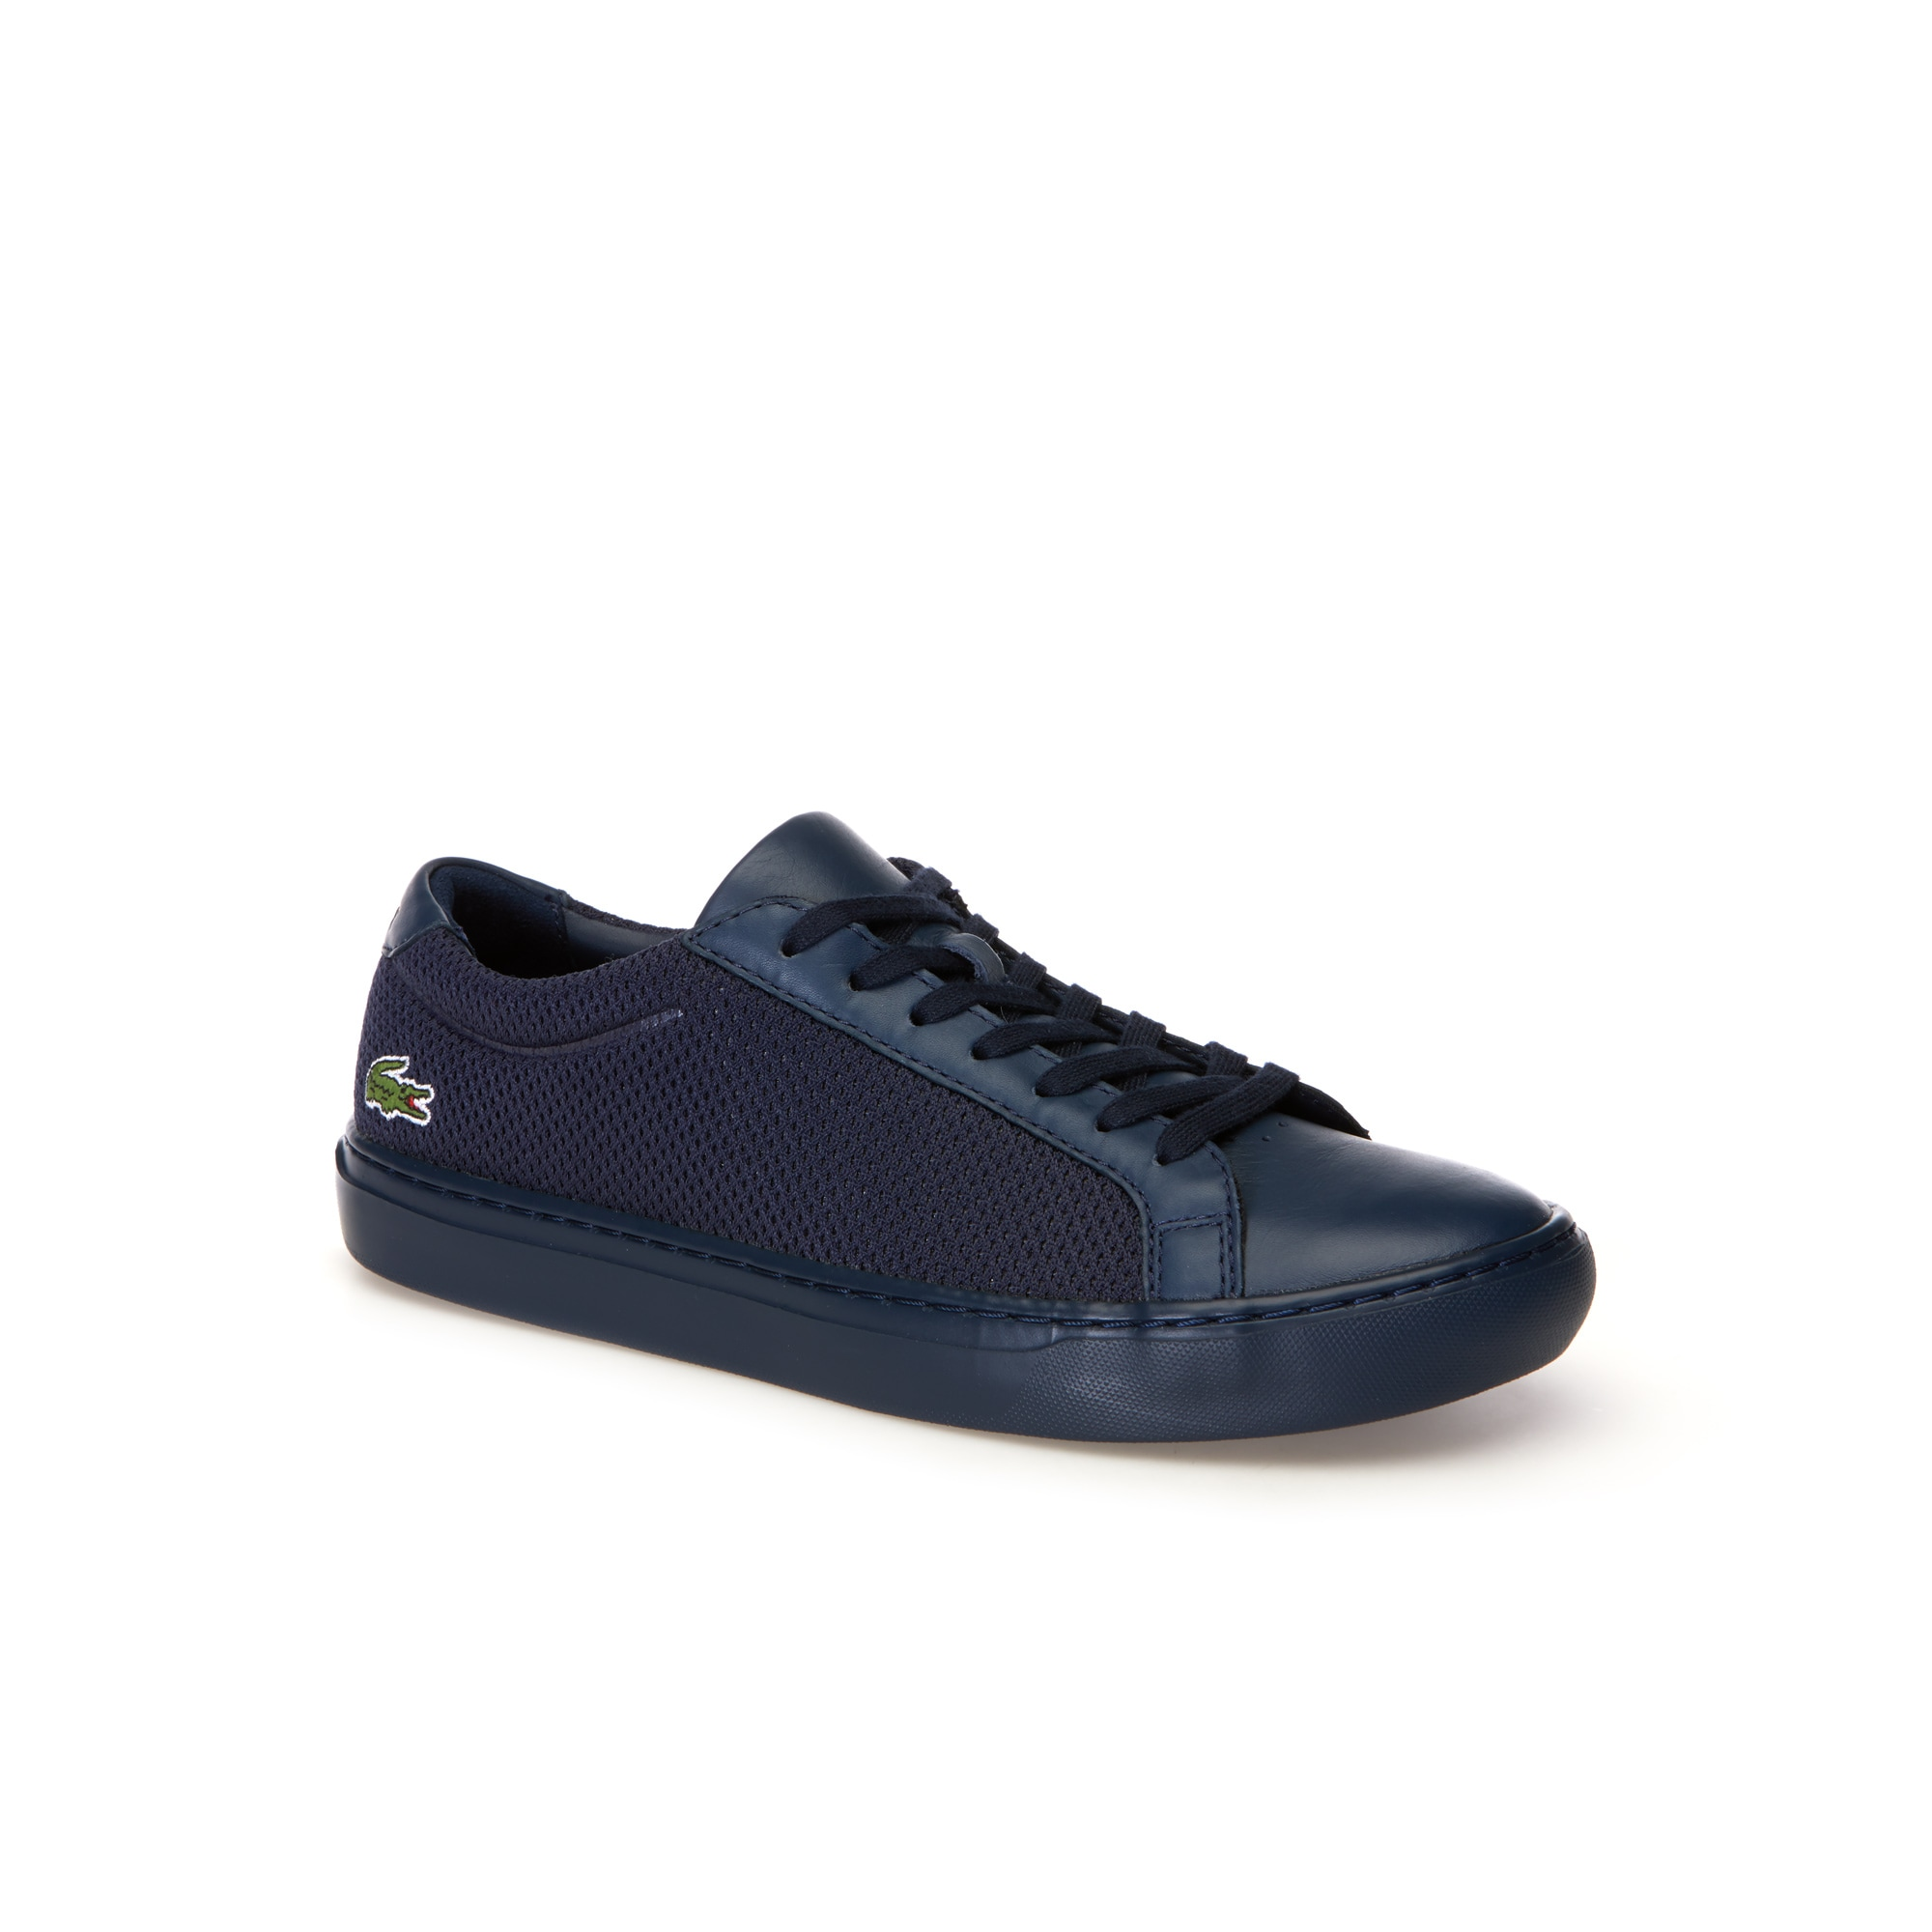 74f3d66ac5 Lacoste Men Men's L12.12 sneakers